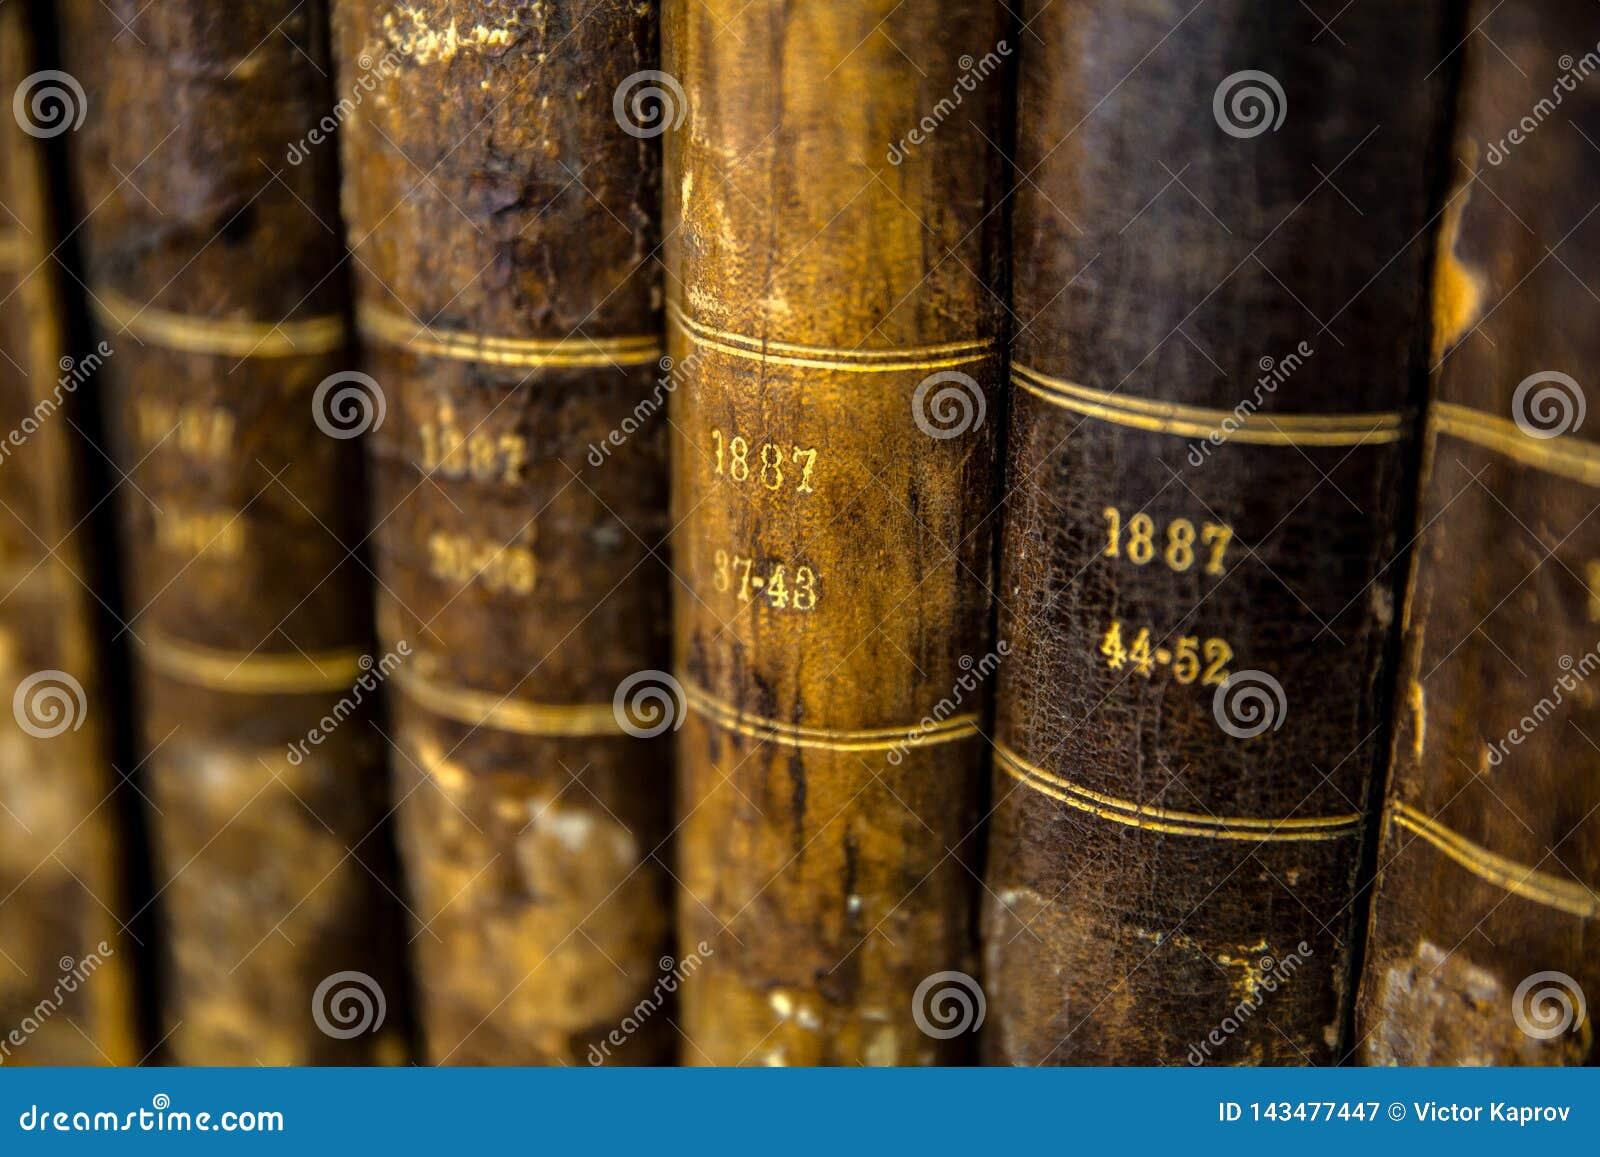 Nahaufnahme einiger sehr alter Bücher